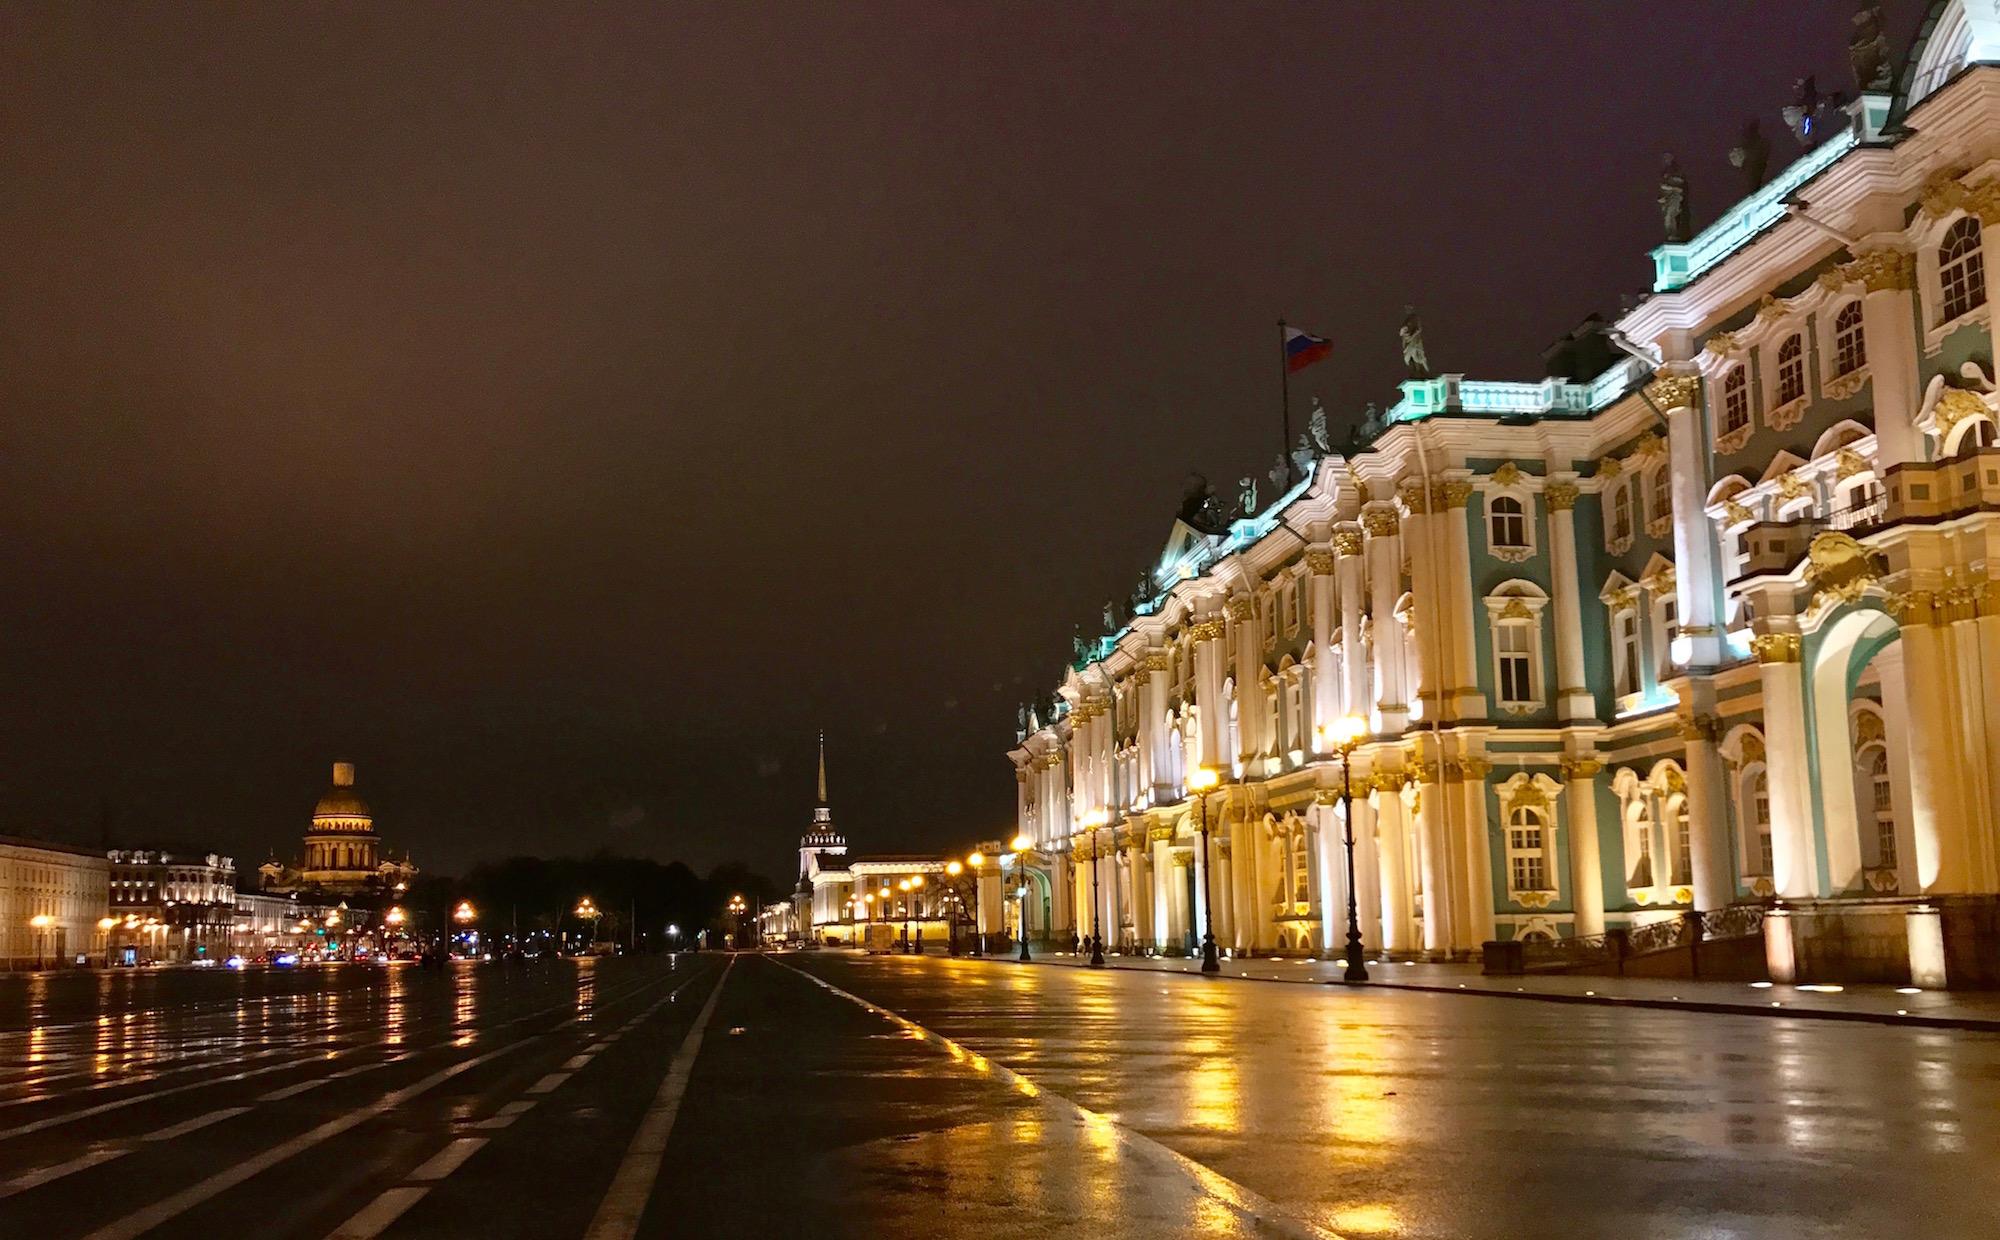 Musee Ermitage de nuit Saint-Petersbourg - Russie